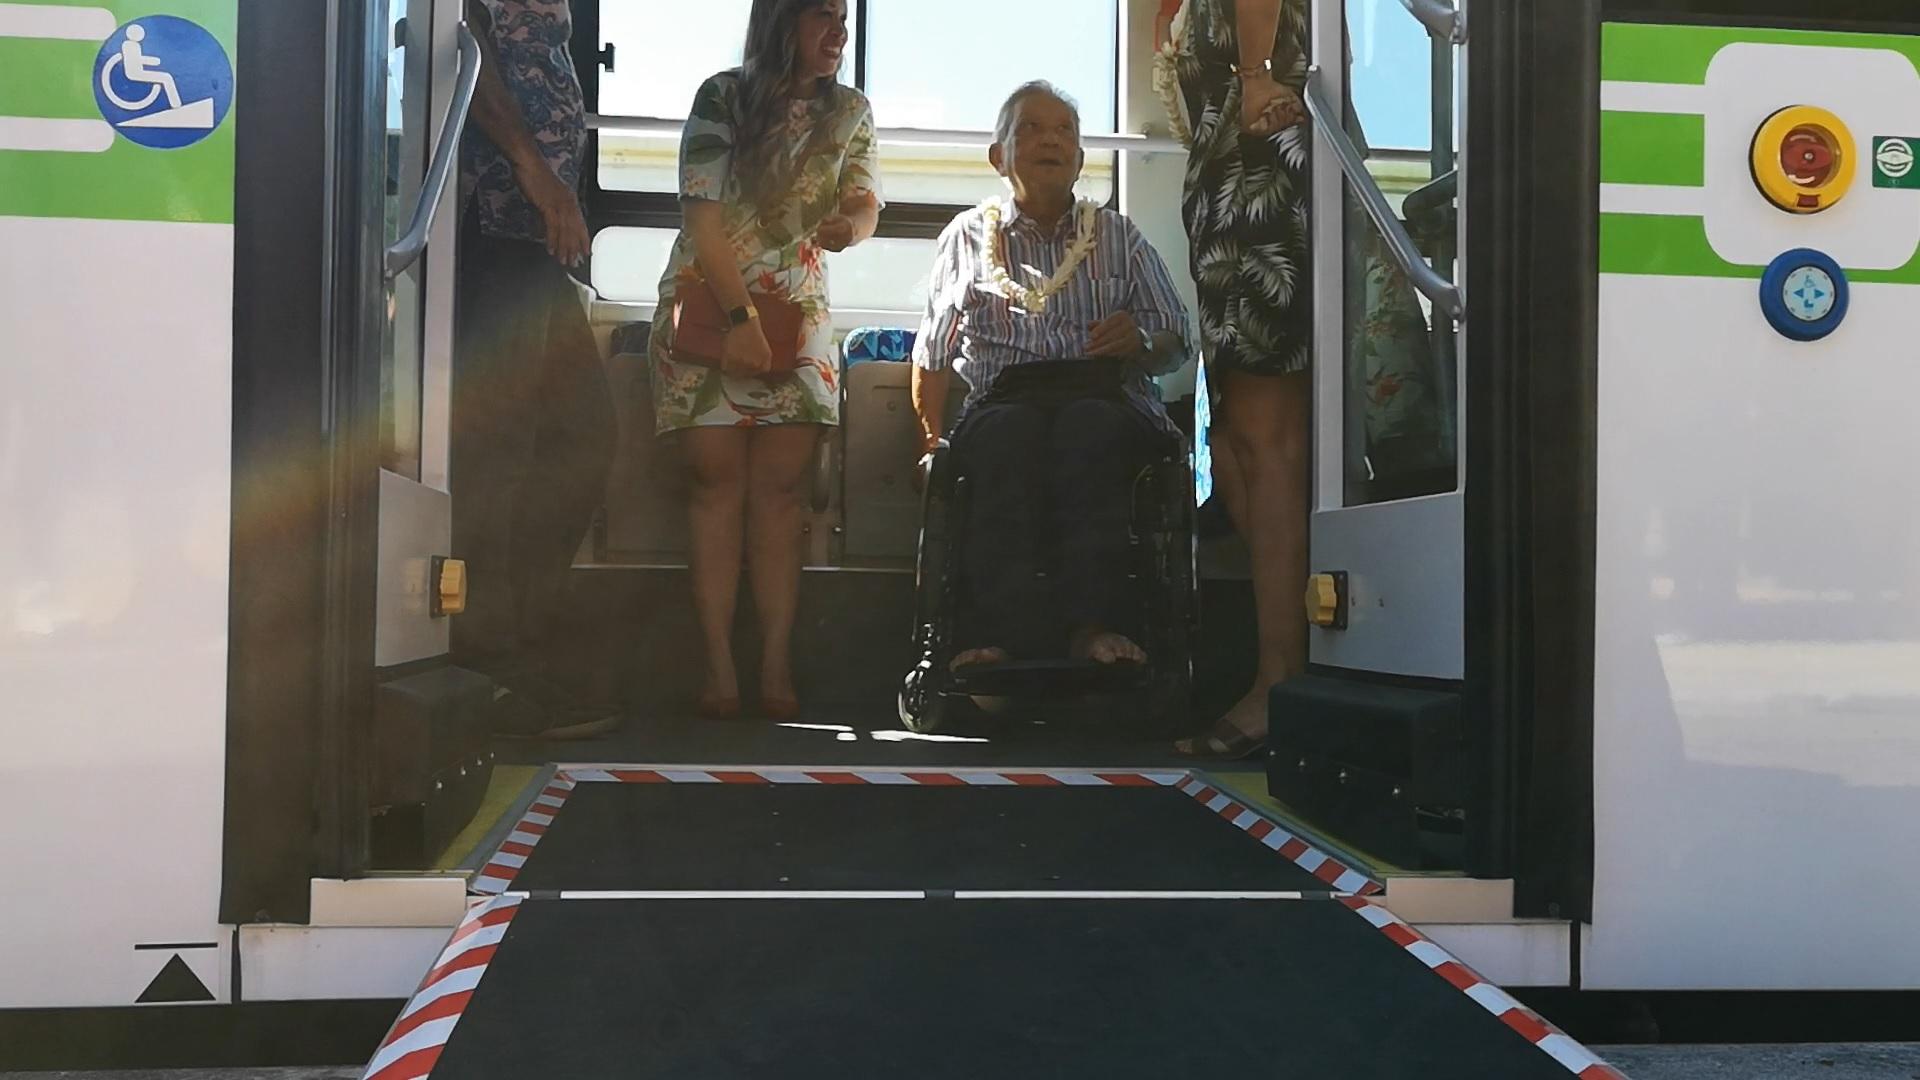 Ces nouveaux engins sont également équipés pour recevoir les personnes à mobilités réduites (PMR). Avec une zone délimitée, des sièges dédiés, une rampe d'accès et l'abaissement de la garde au sol.